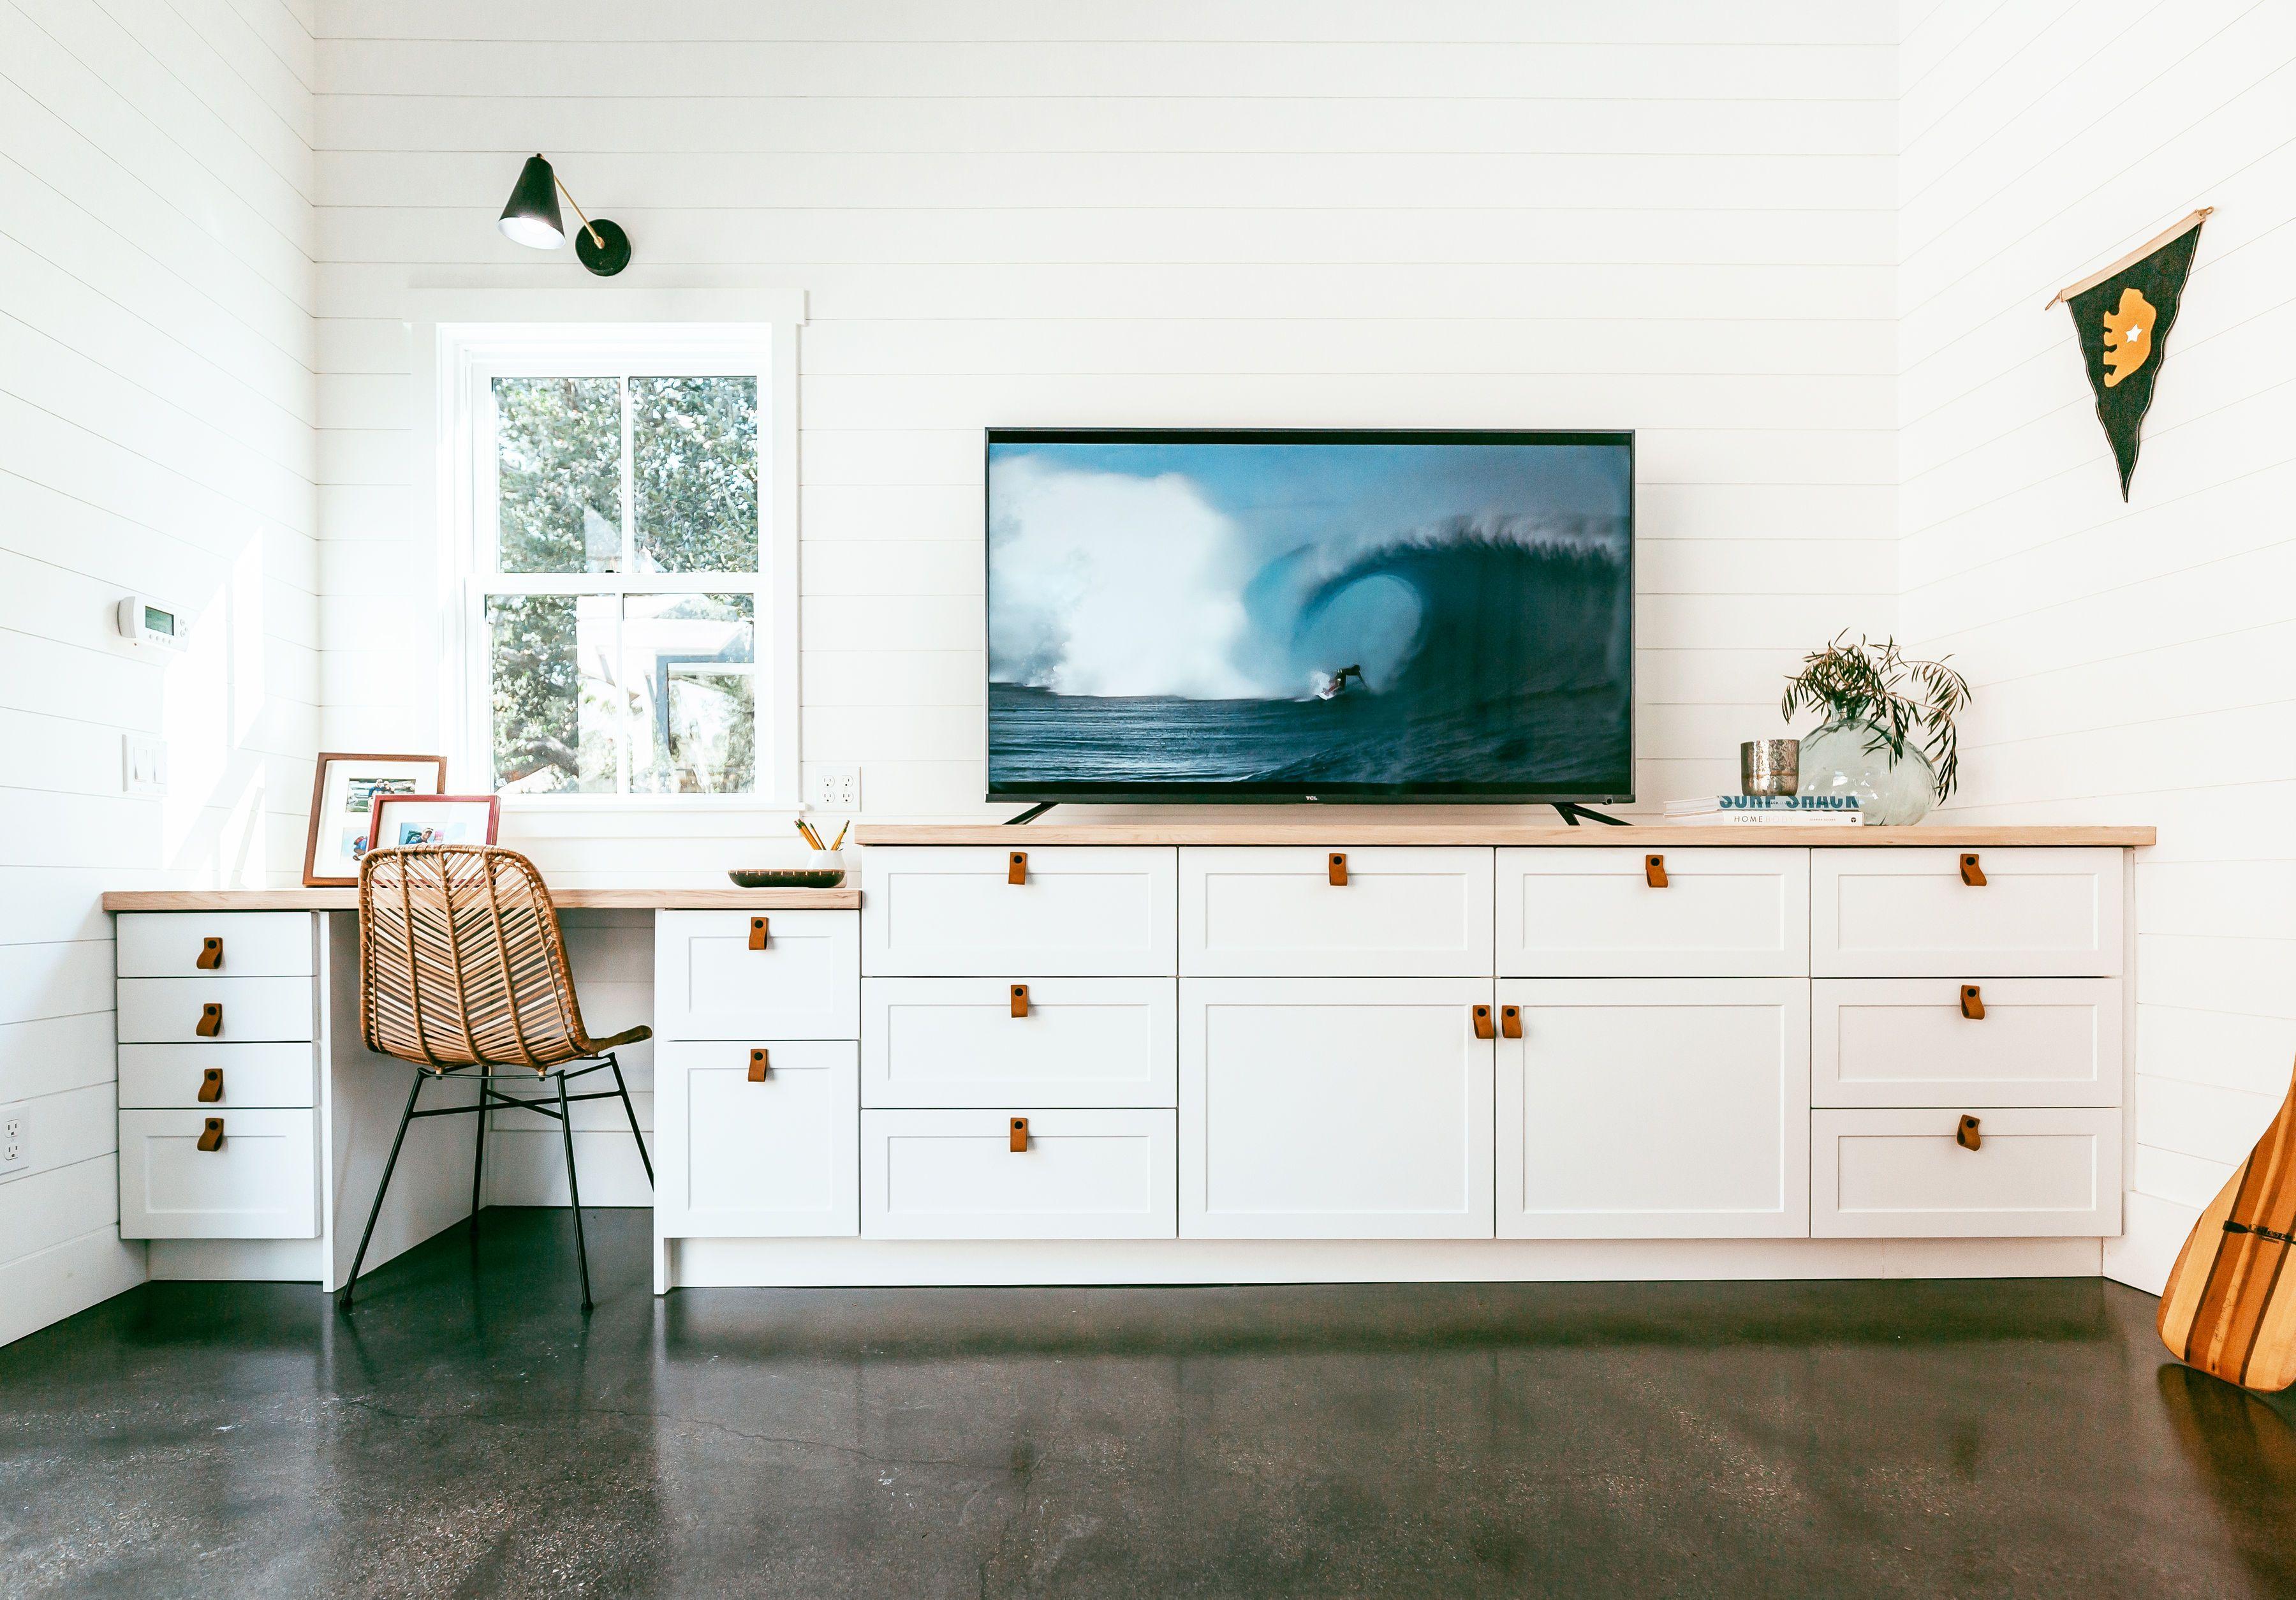 Custom Desk And Media Center Using Ikea Sektion And Semihandmade Custom Desk Media Room Design Ikea Built In